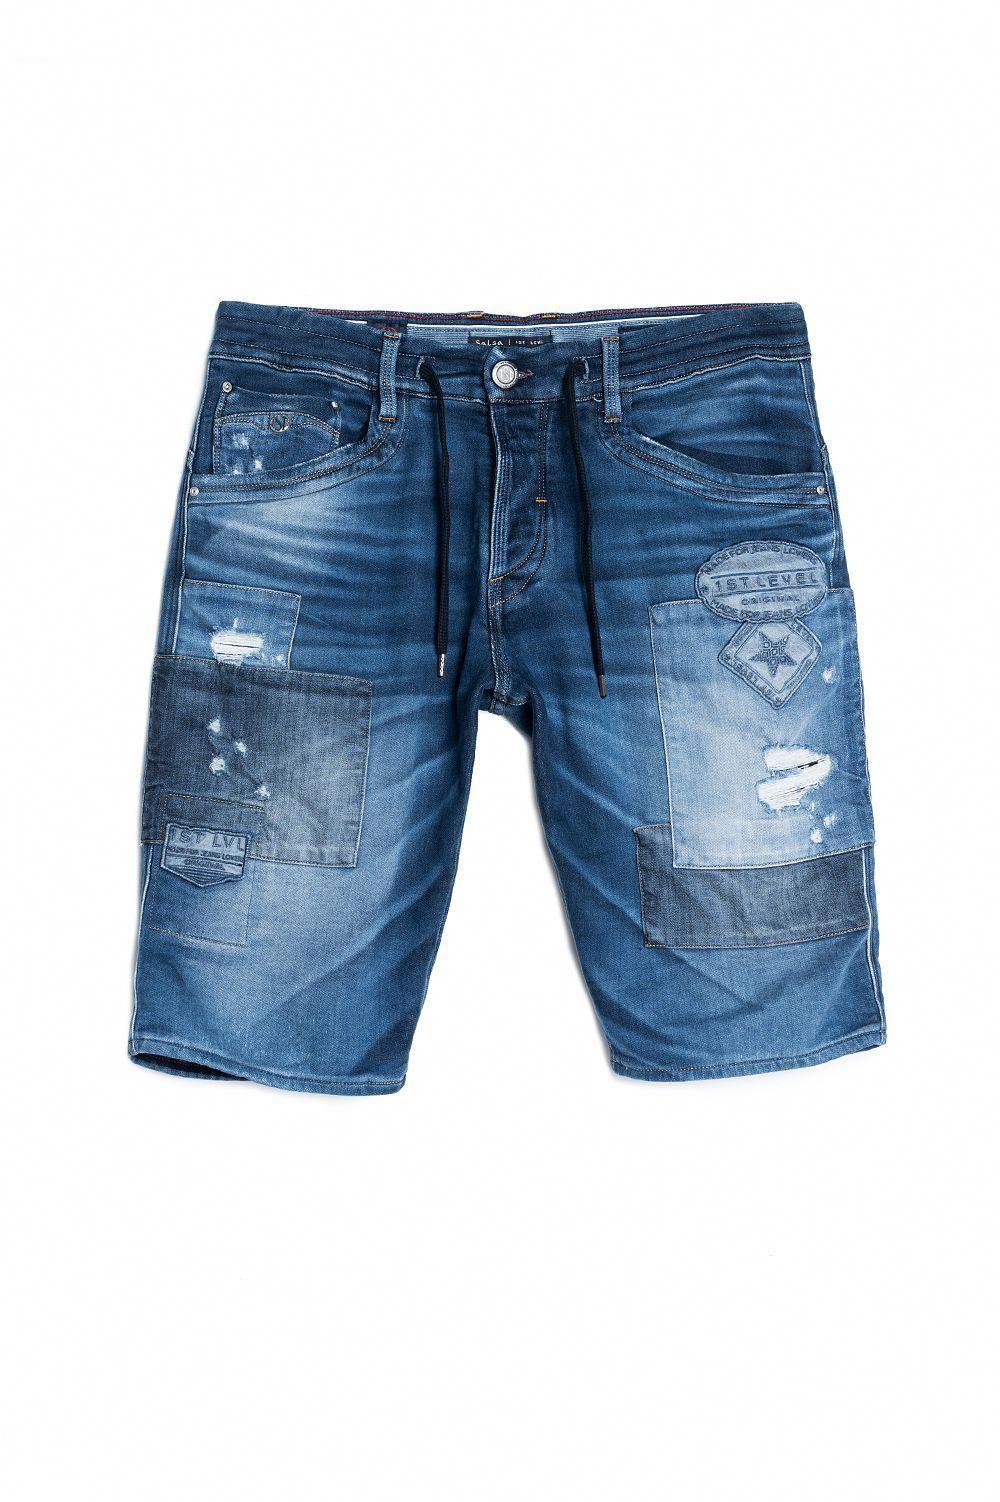 Calções de ganga 1st Level com roto e cordão - Salsa  MensJeans Bermuda  Jeans Masculina 3cf7f2b97853